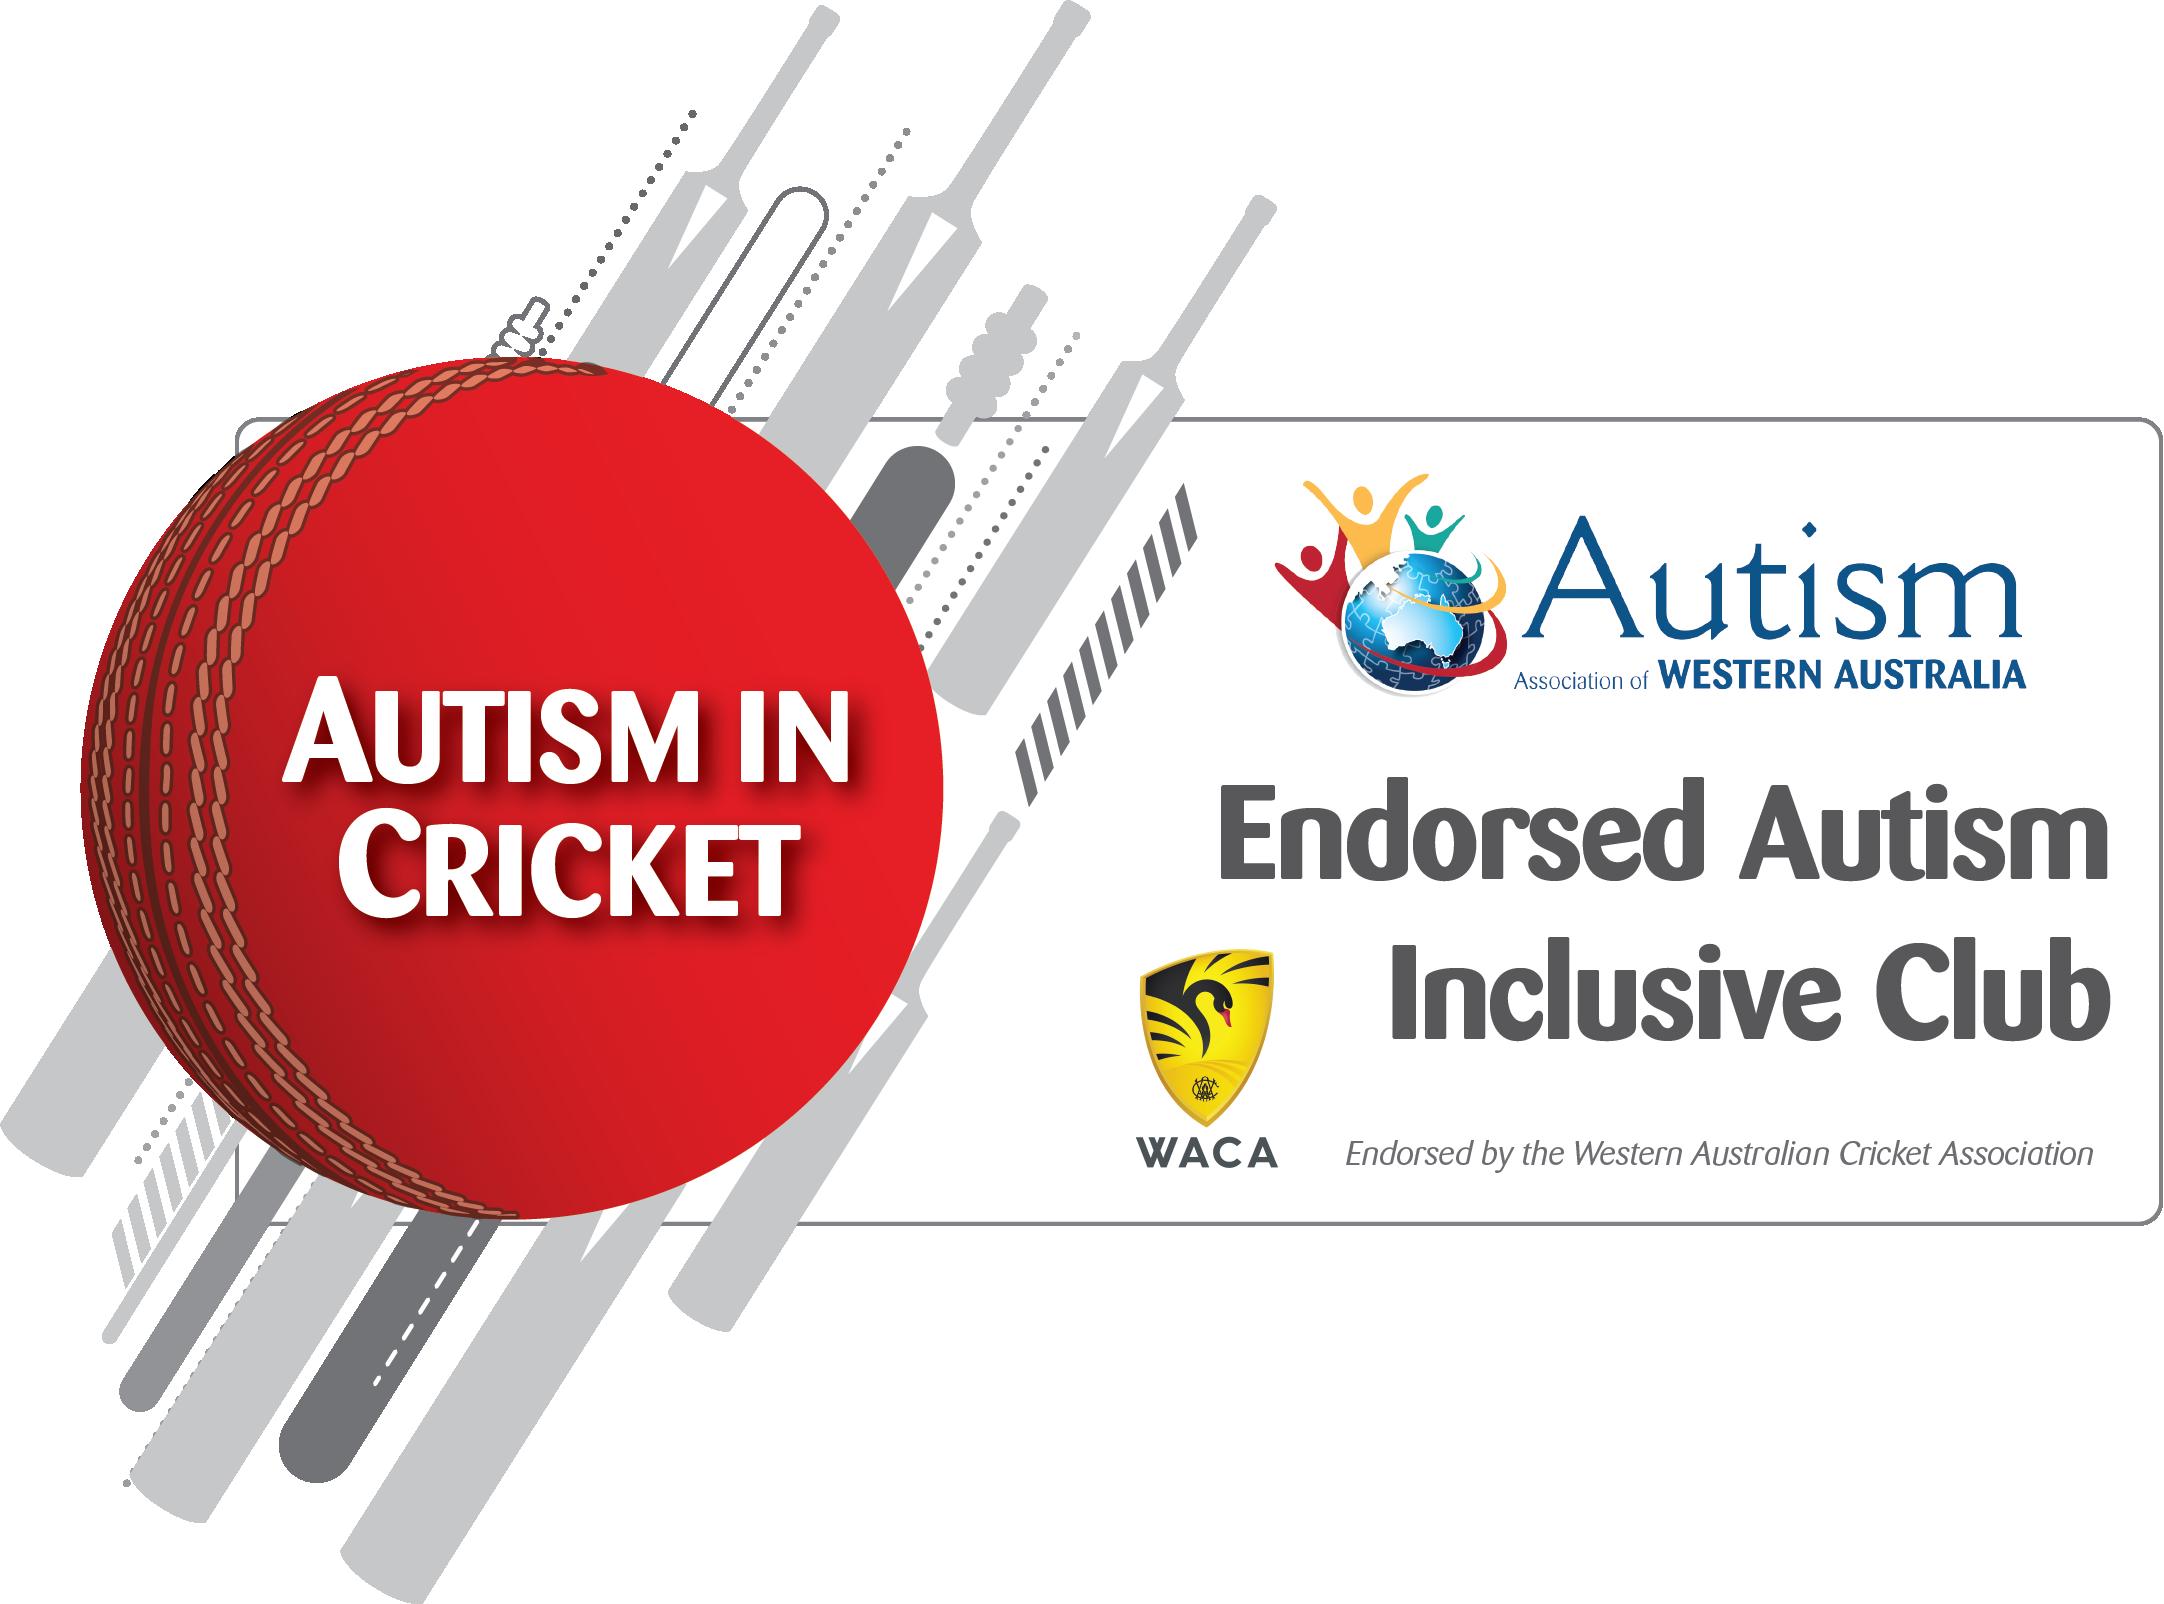 autismincricket_endorsement_cymk_003